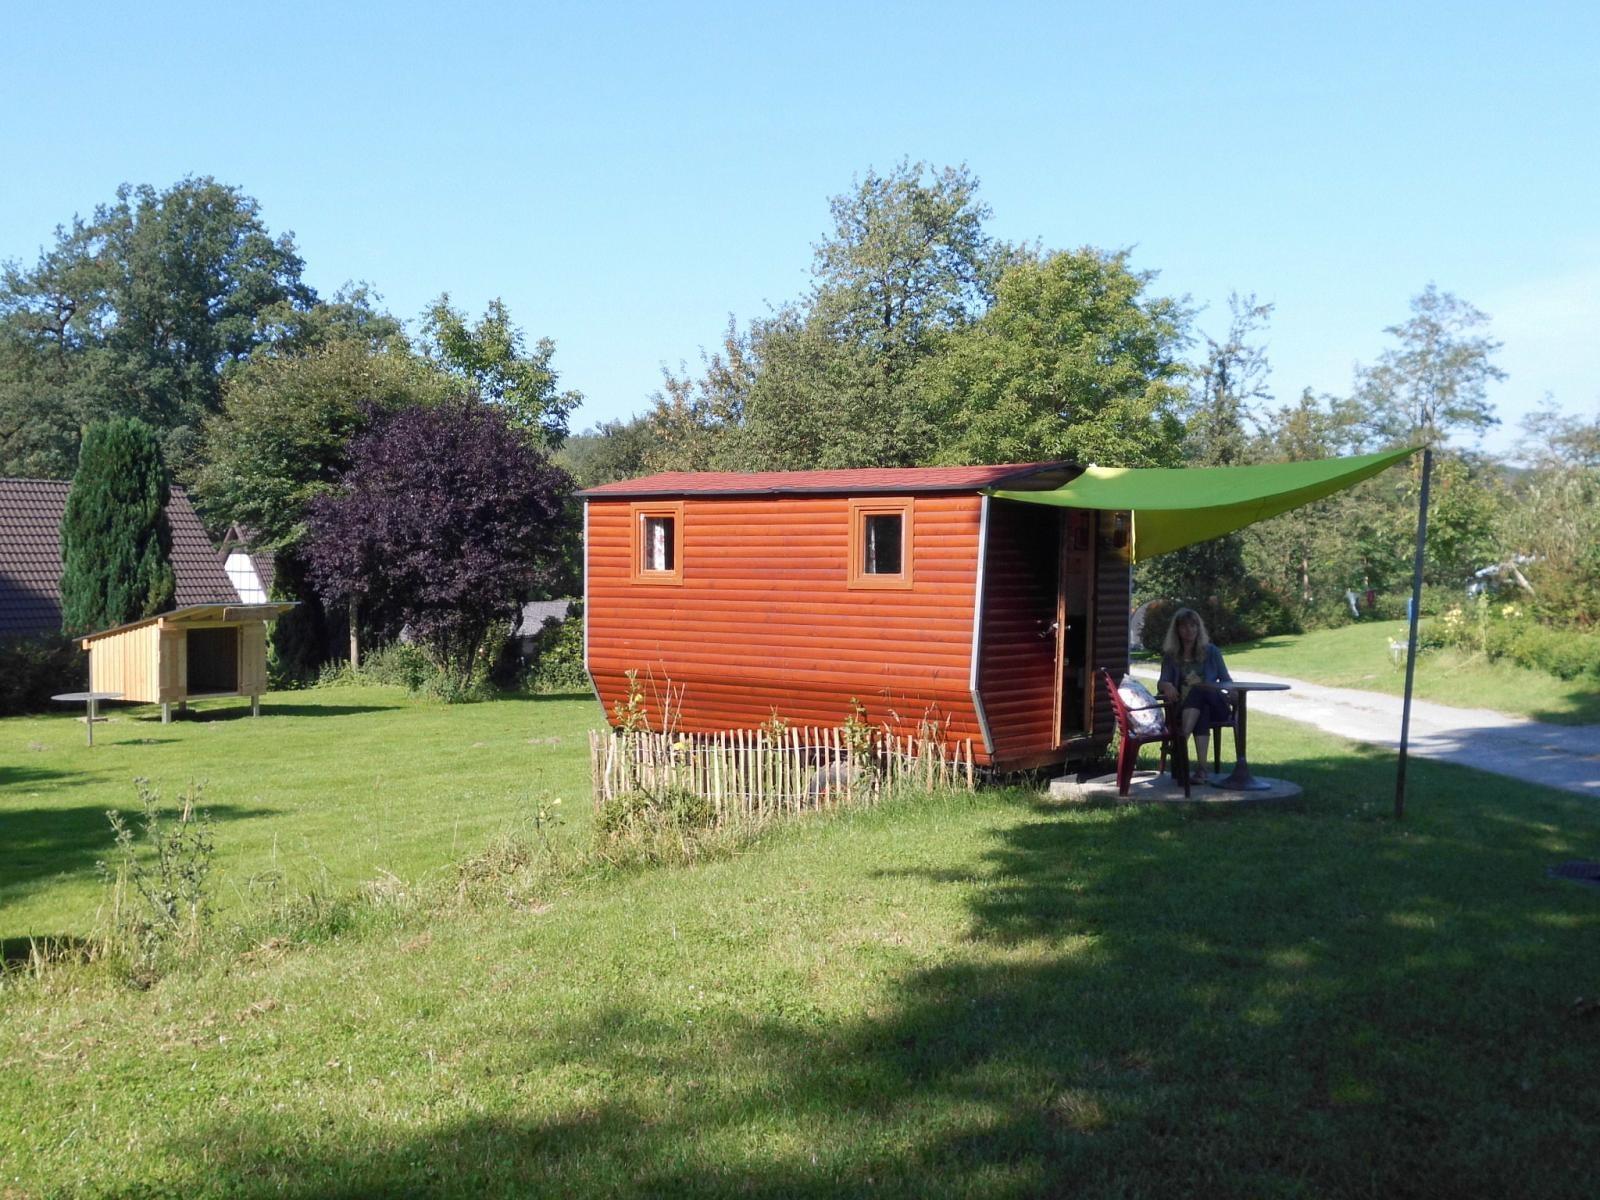 Kleine Blockhütte, Campingplatz Eurocamp im Holperdorper Tal